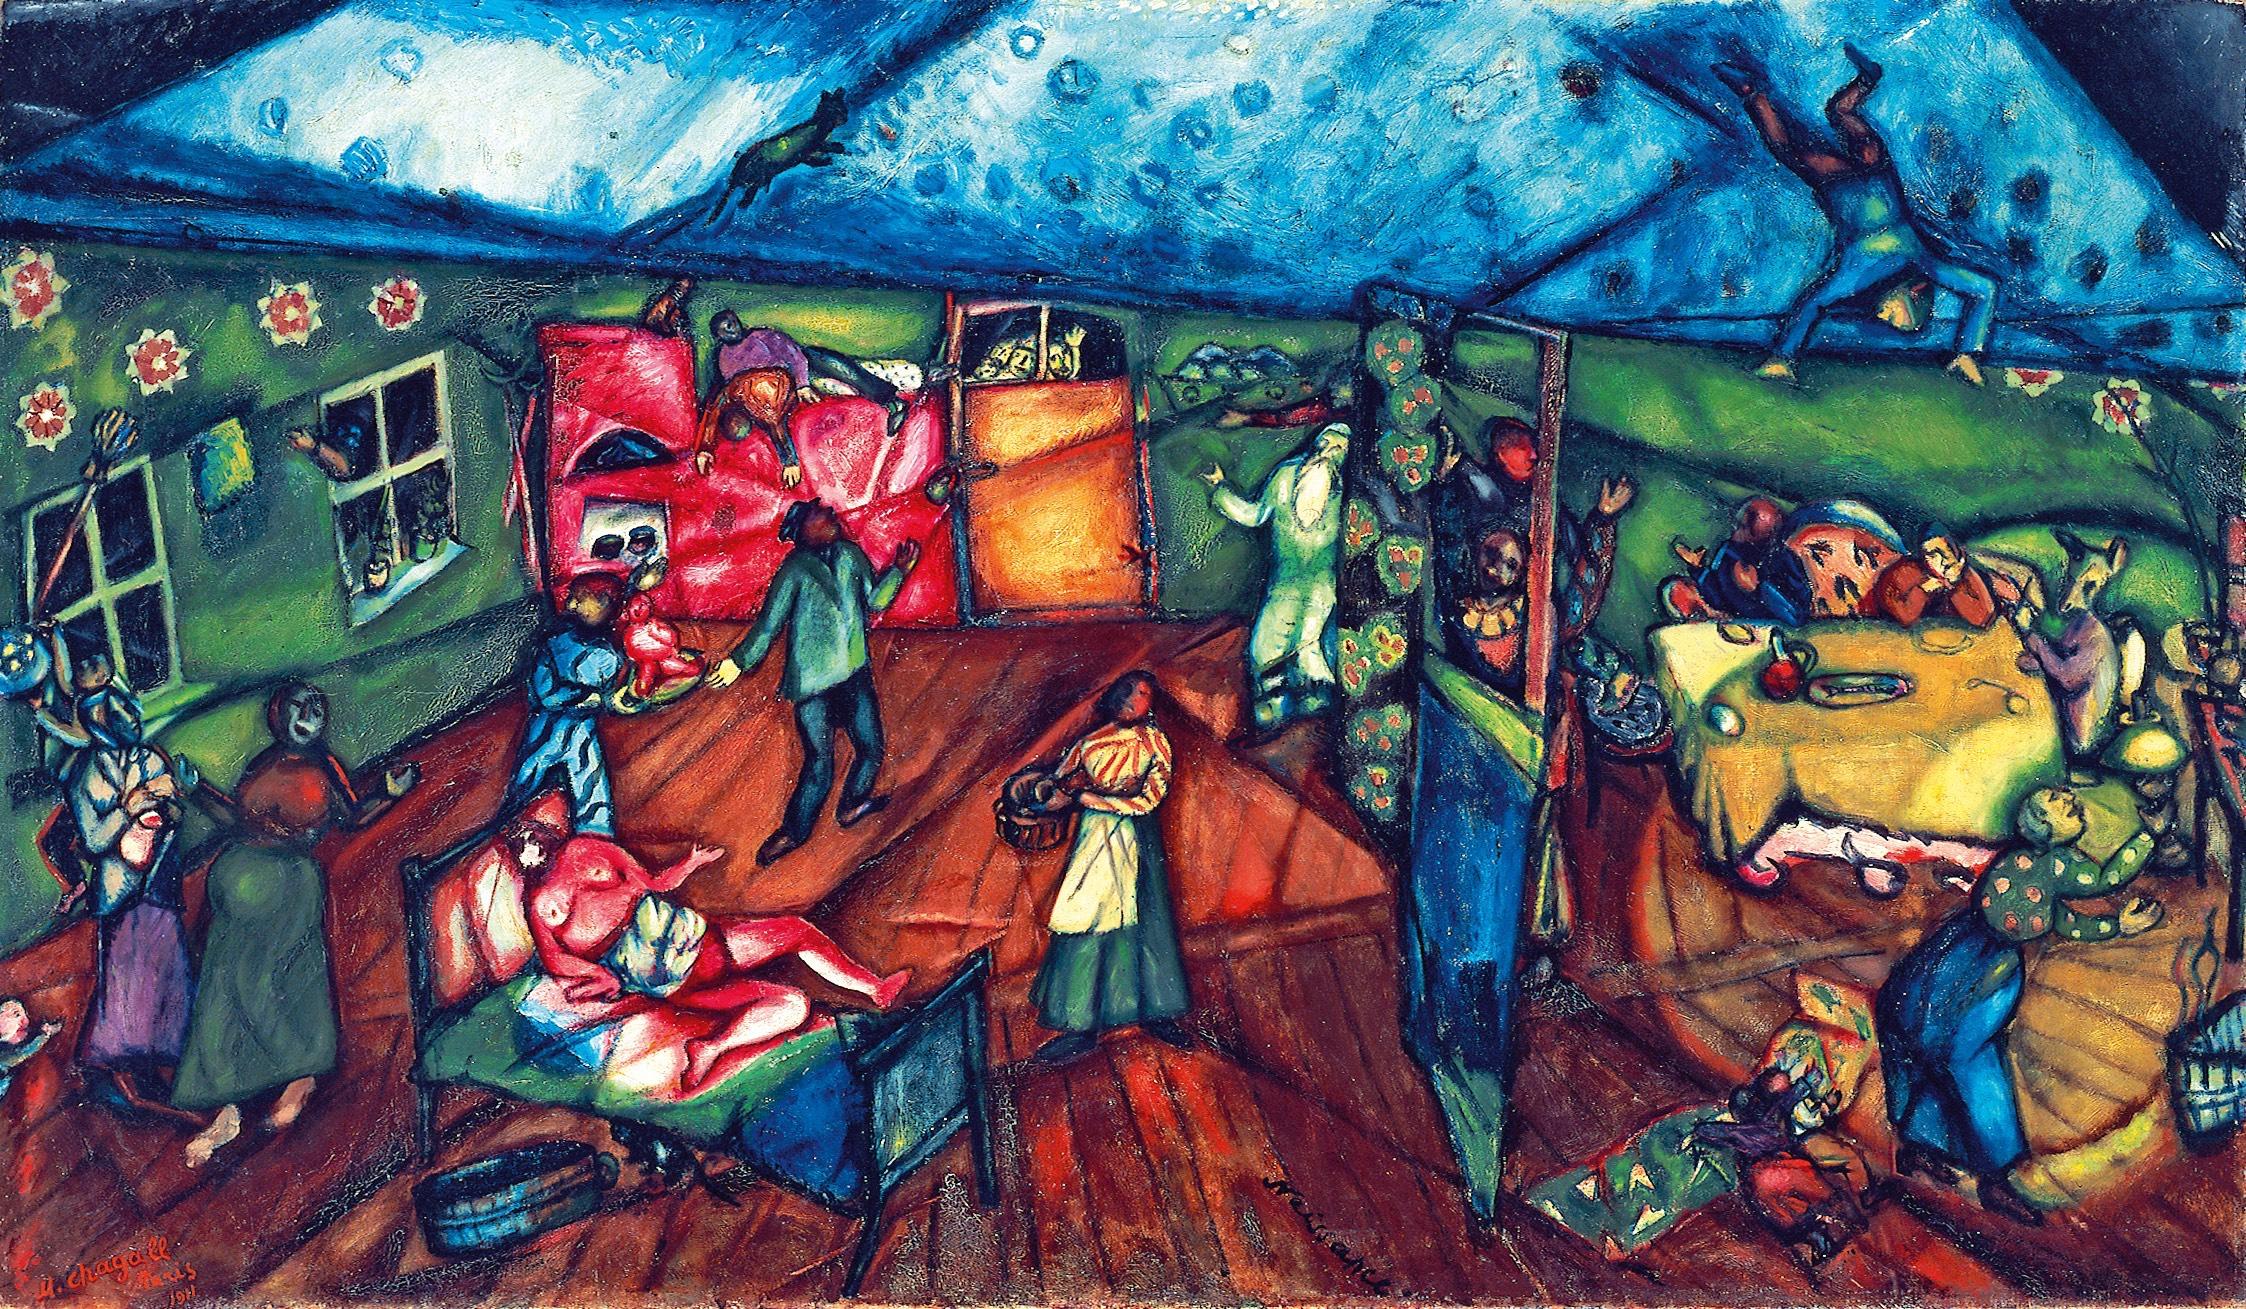 Plus de 300 000 visiteurs pour l'exposition Chagall au MBAM